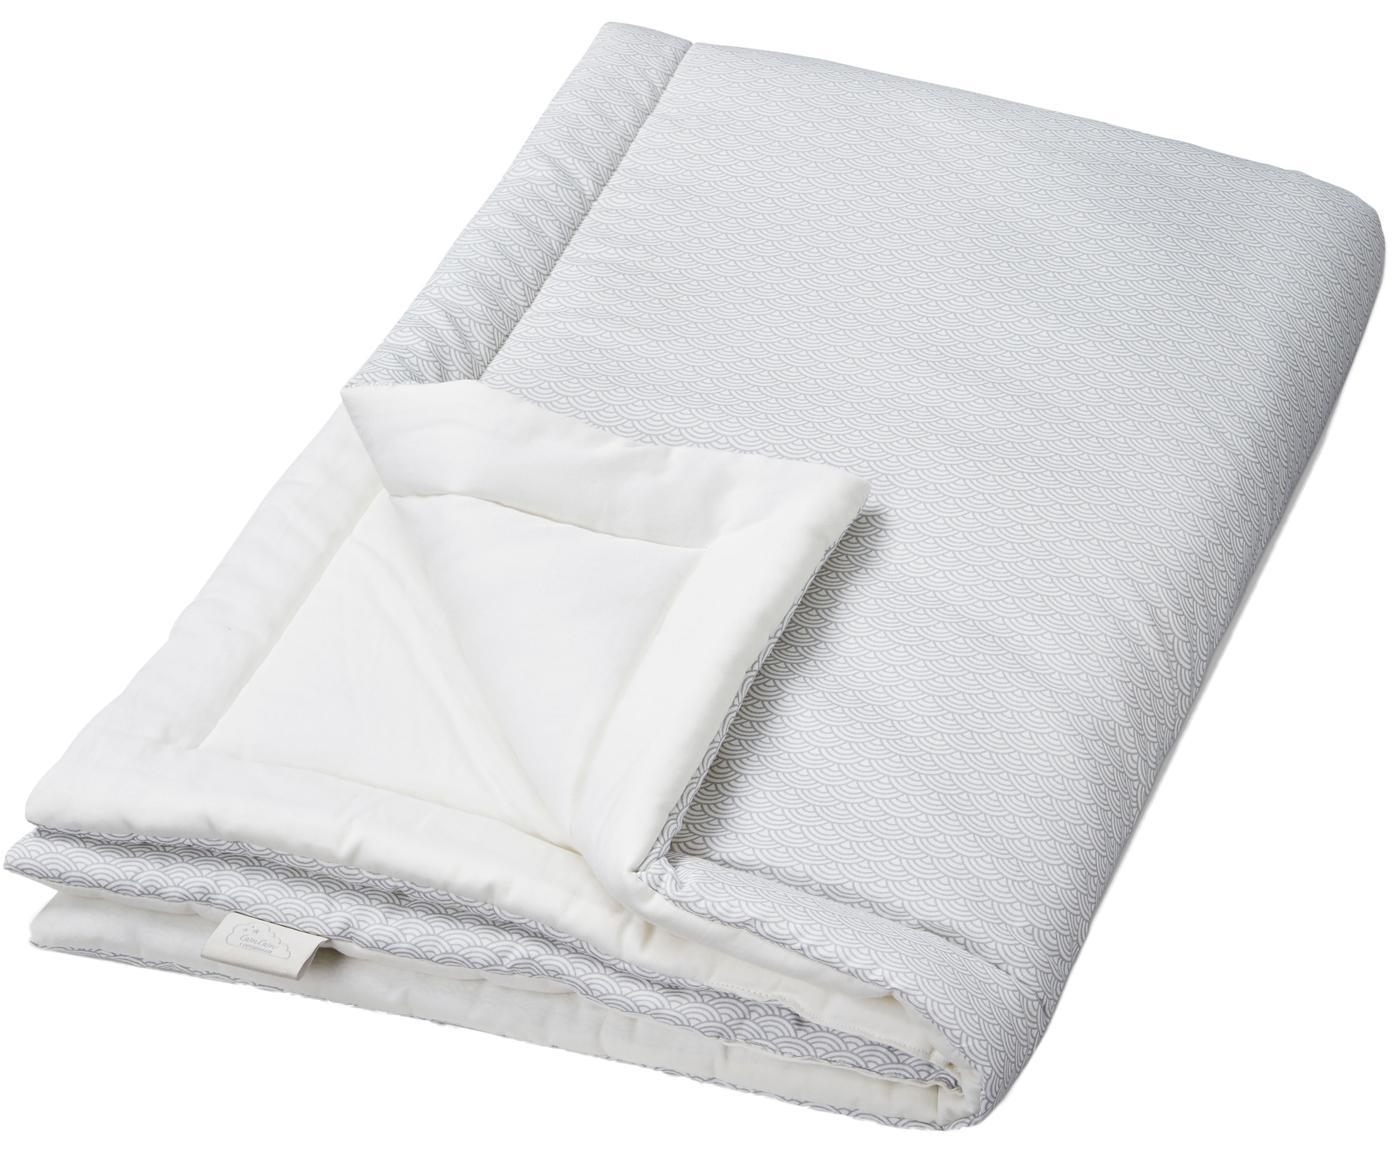 Decke Wave aus Bio-Baumwolle, Bezug: Bio-Baumwolle, Grau, Weiss, 90 x 120 cm